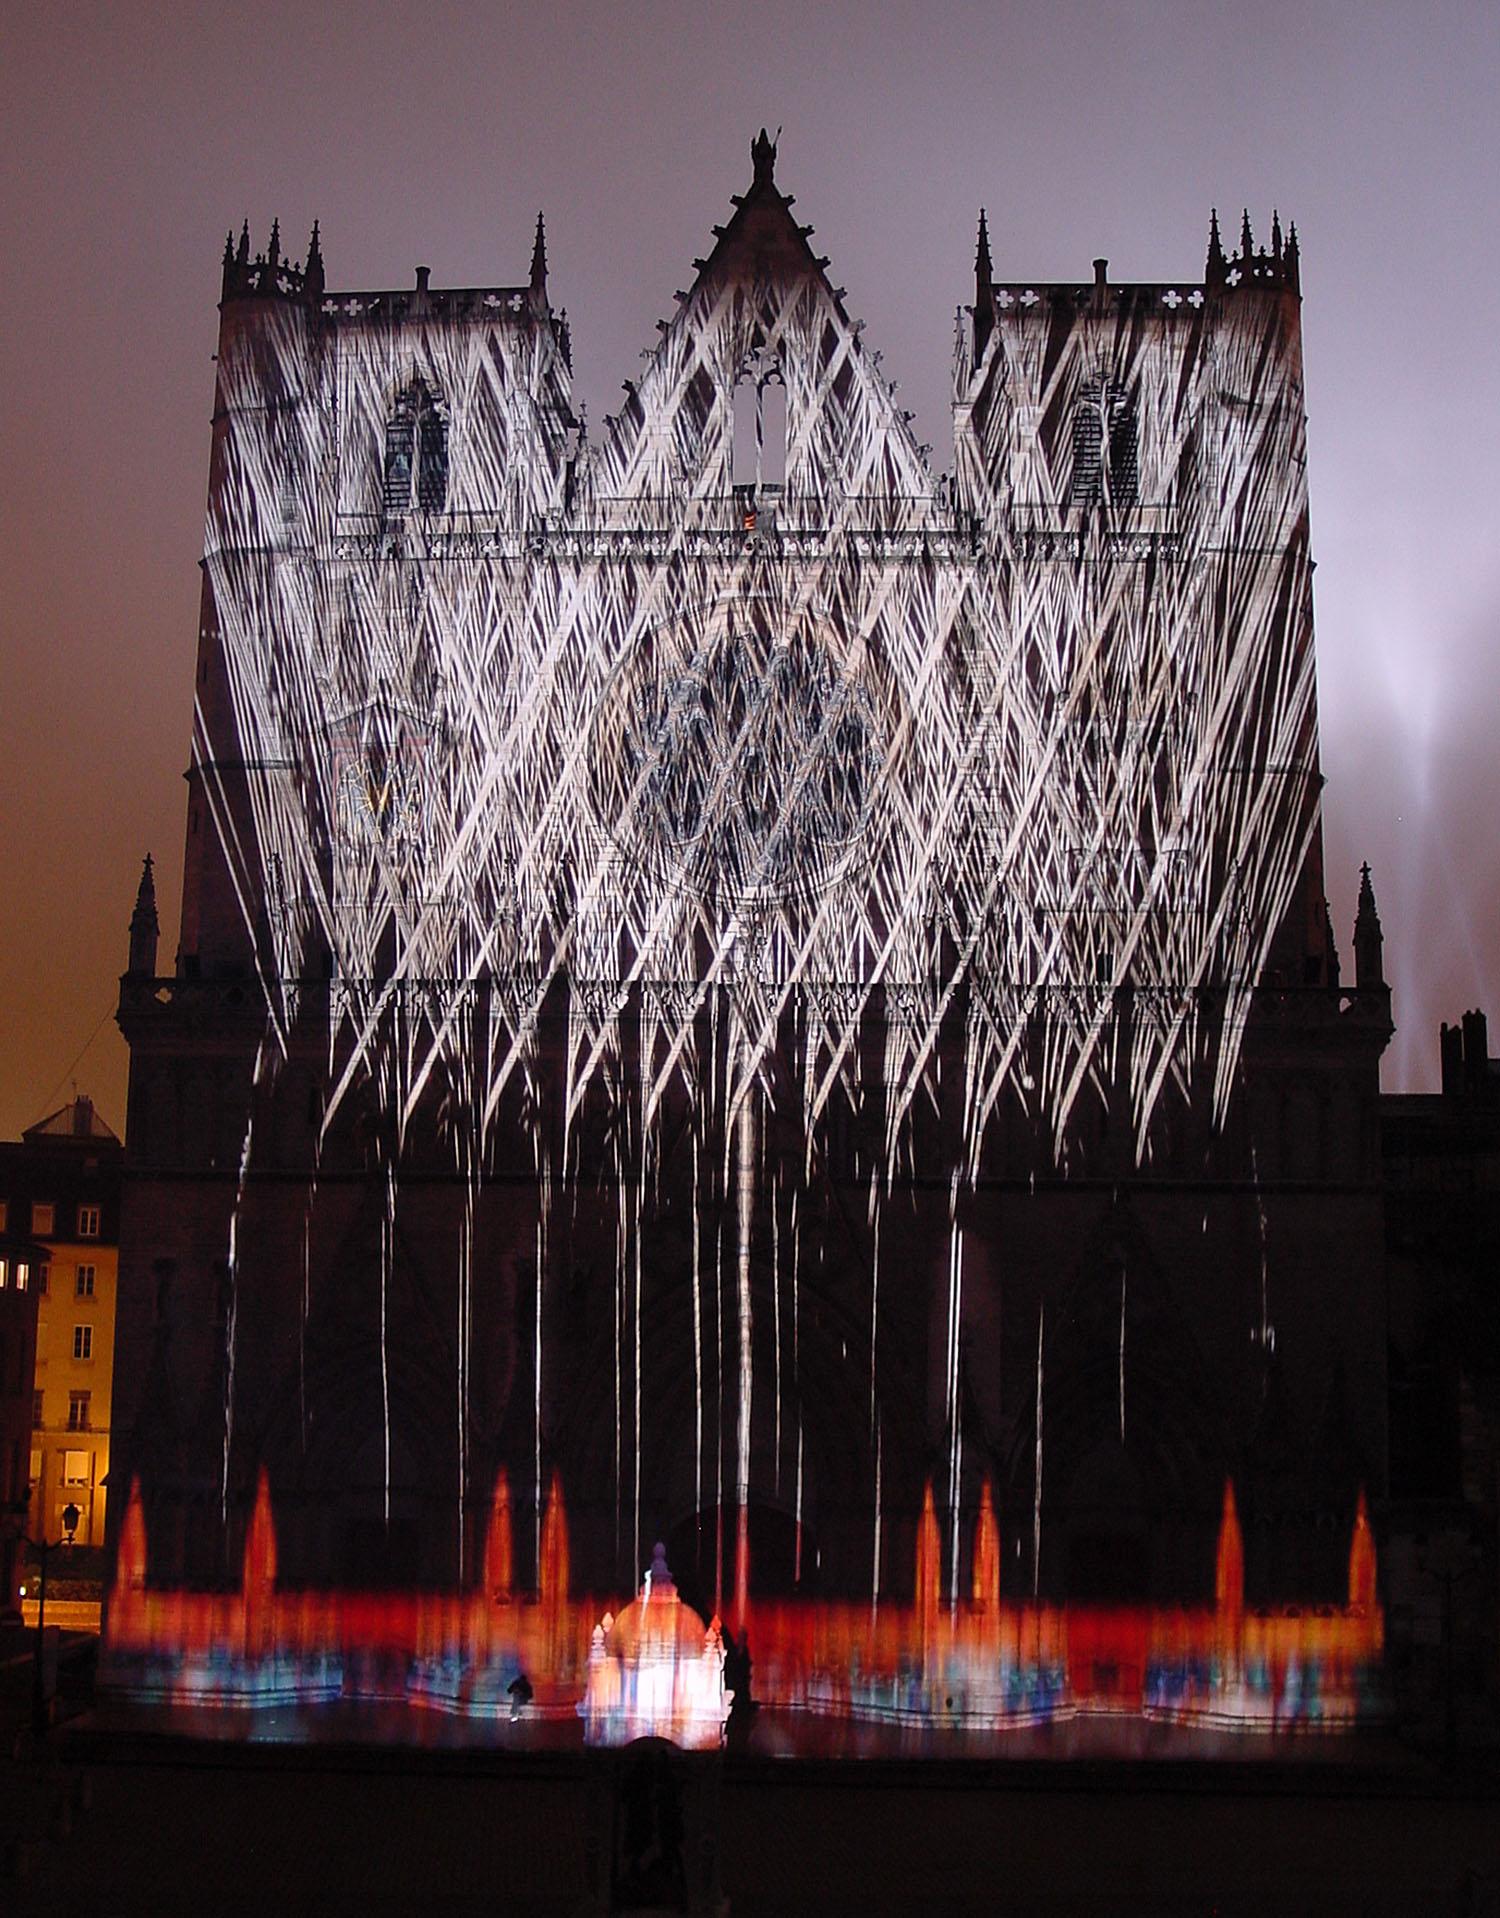 FeteDesLumieres_Lyon2005_02.jpg